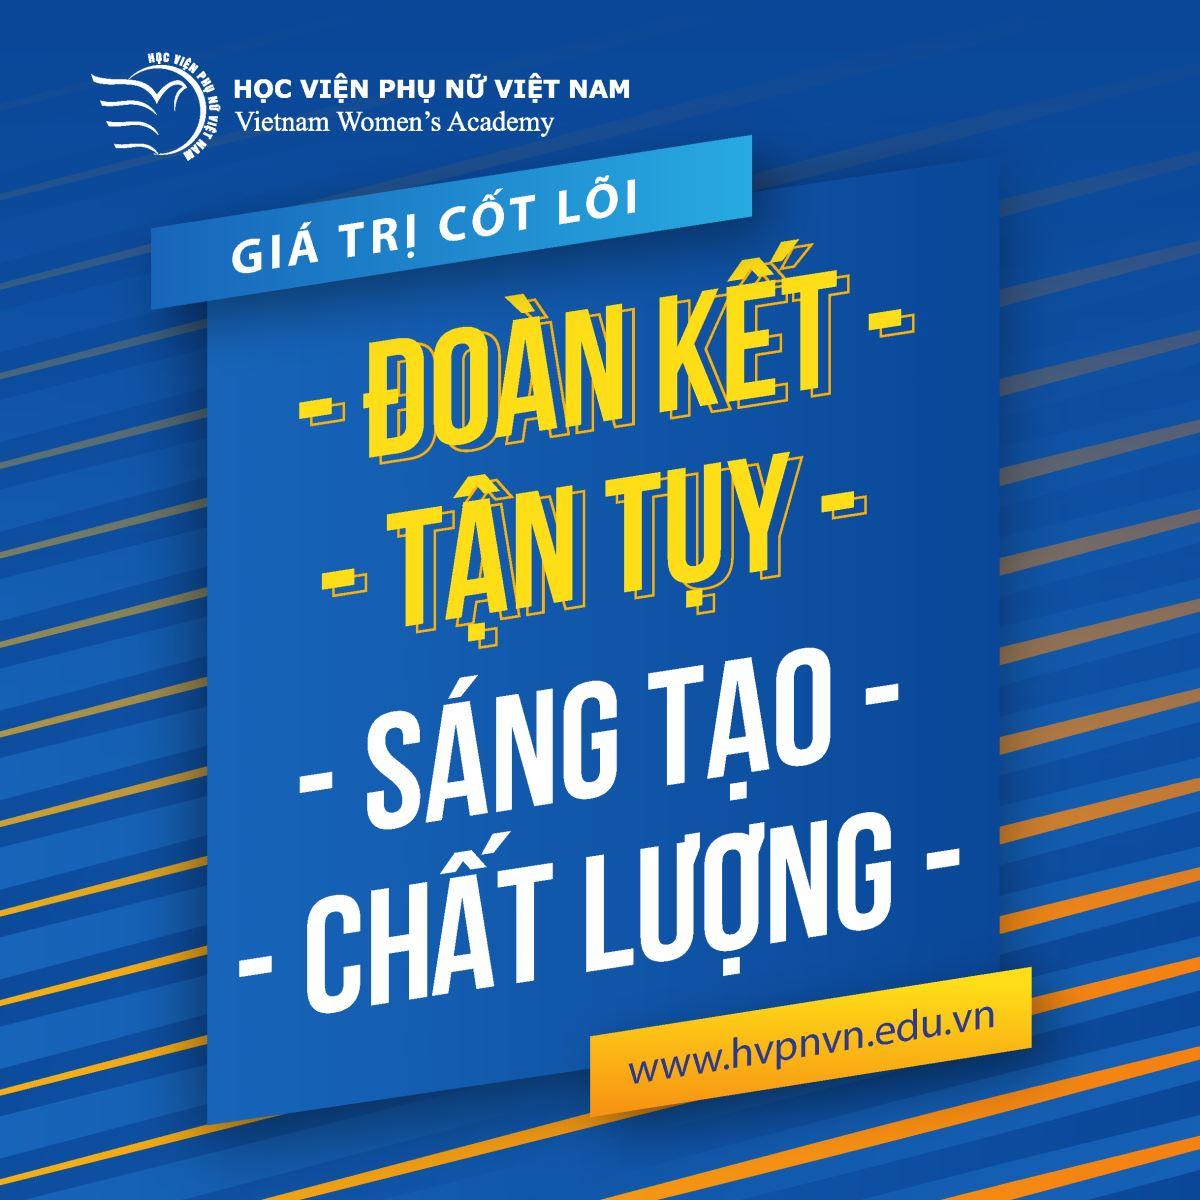 Giá trị cốt lõi của Học viện Phụ nữ Việt Nam